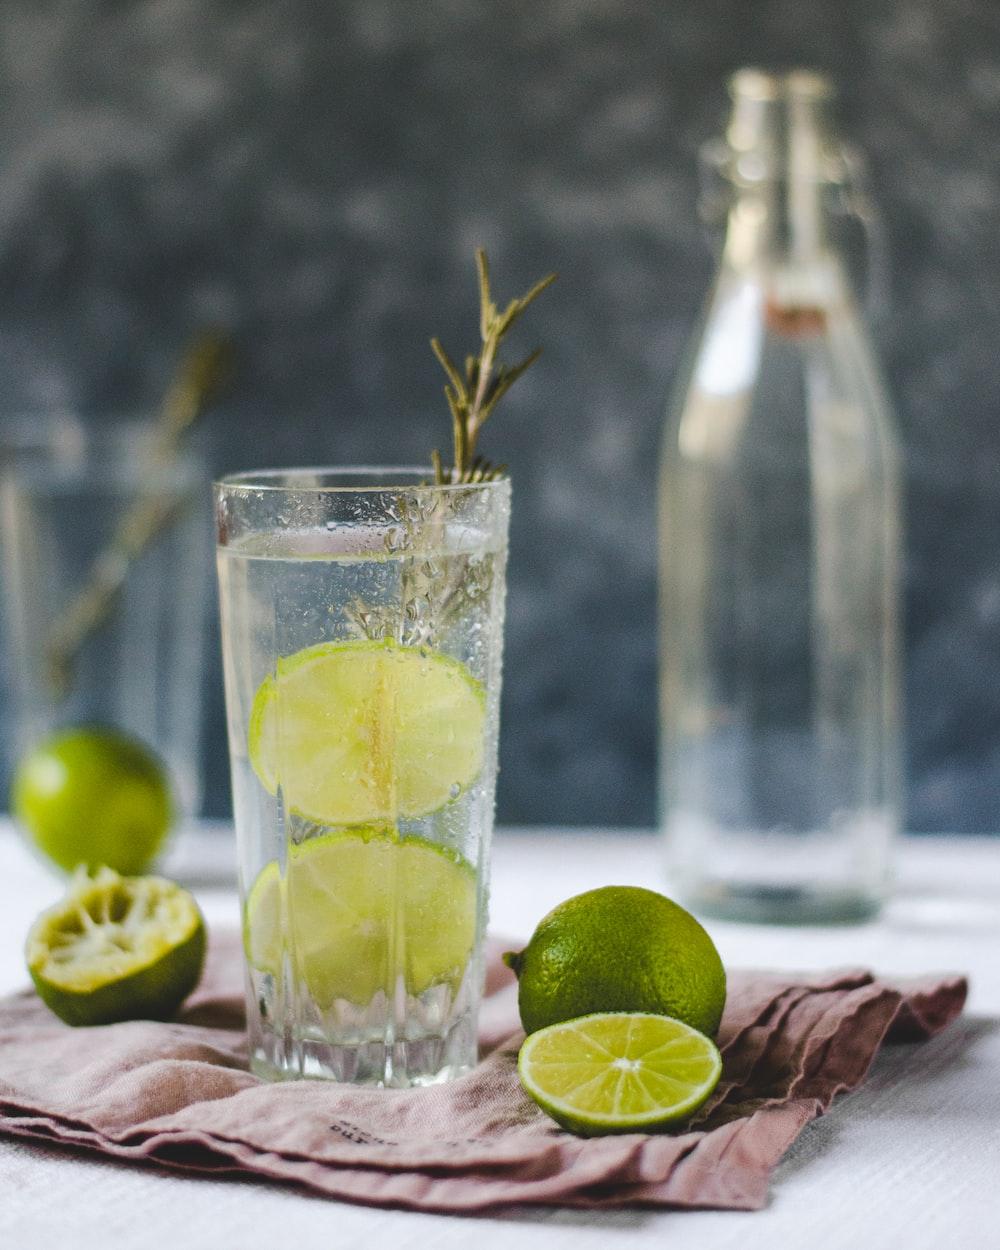 sliced lemons beside drinking glass